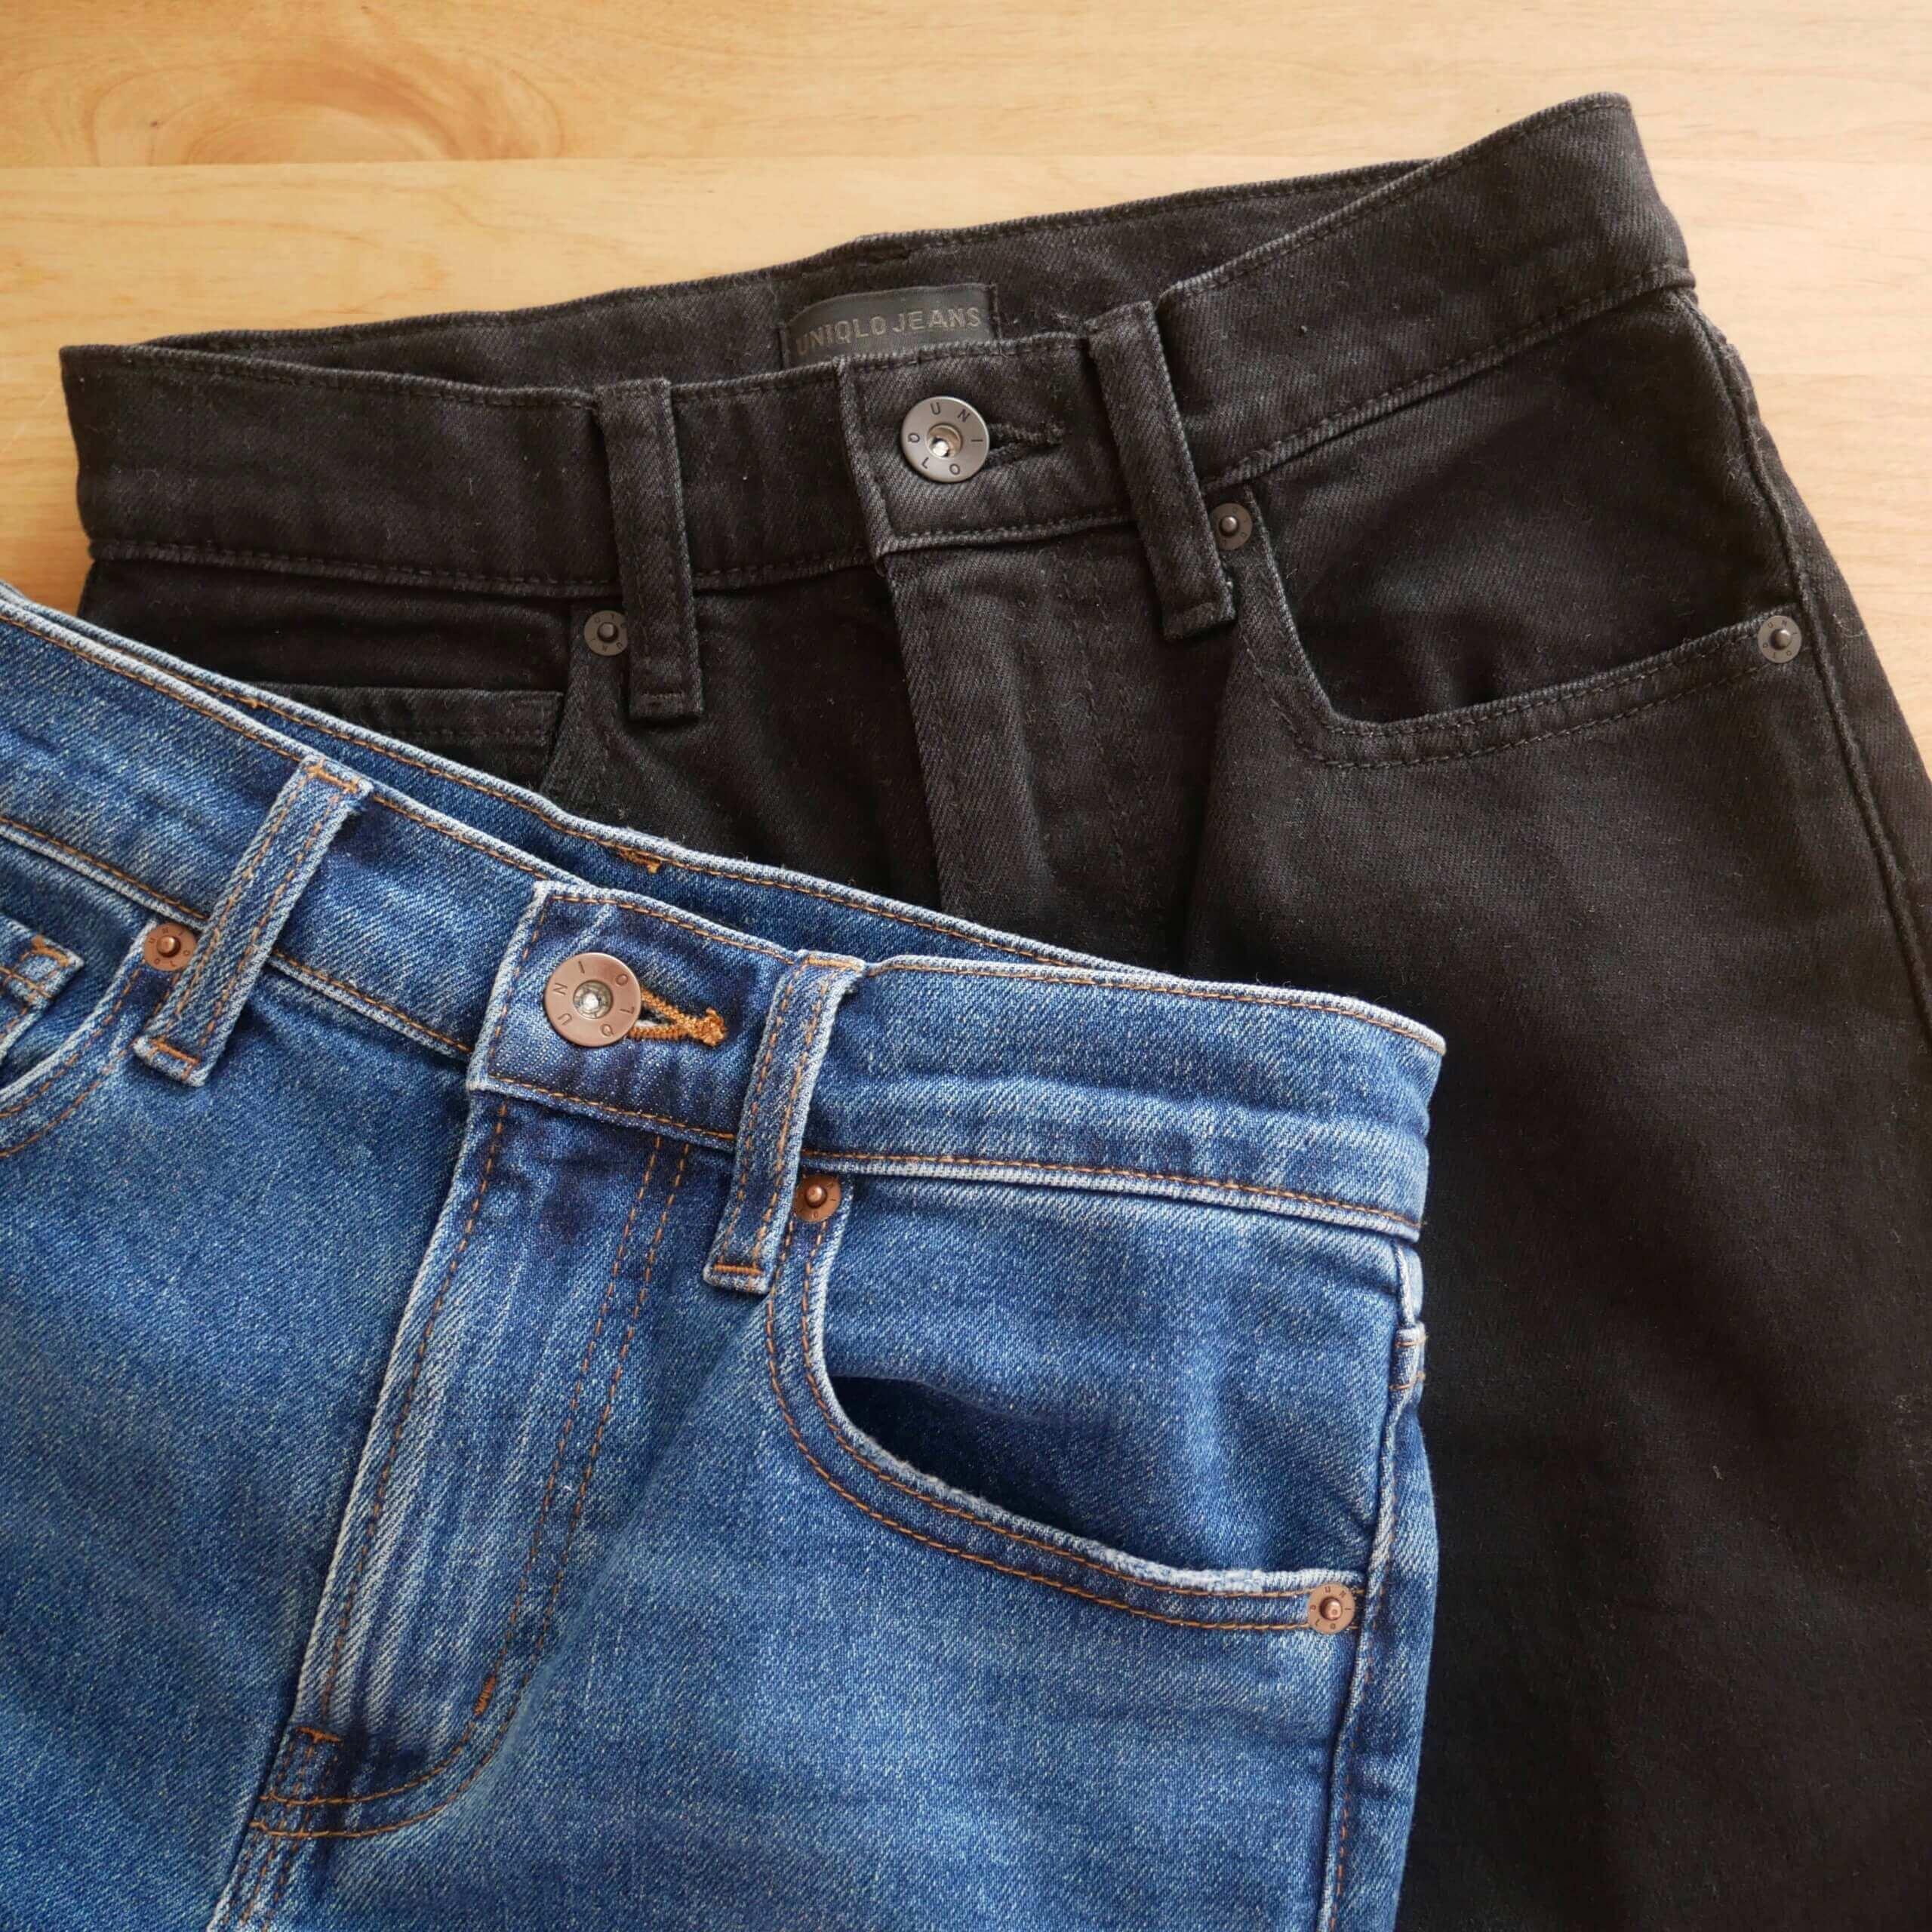 【ユニクロでイロチ買い!】2人が買った「優秀ボトム」拝見!【2021パンツ&スカート】